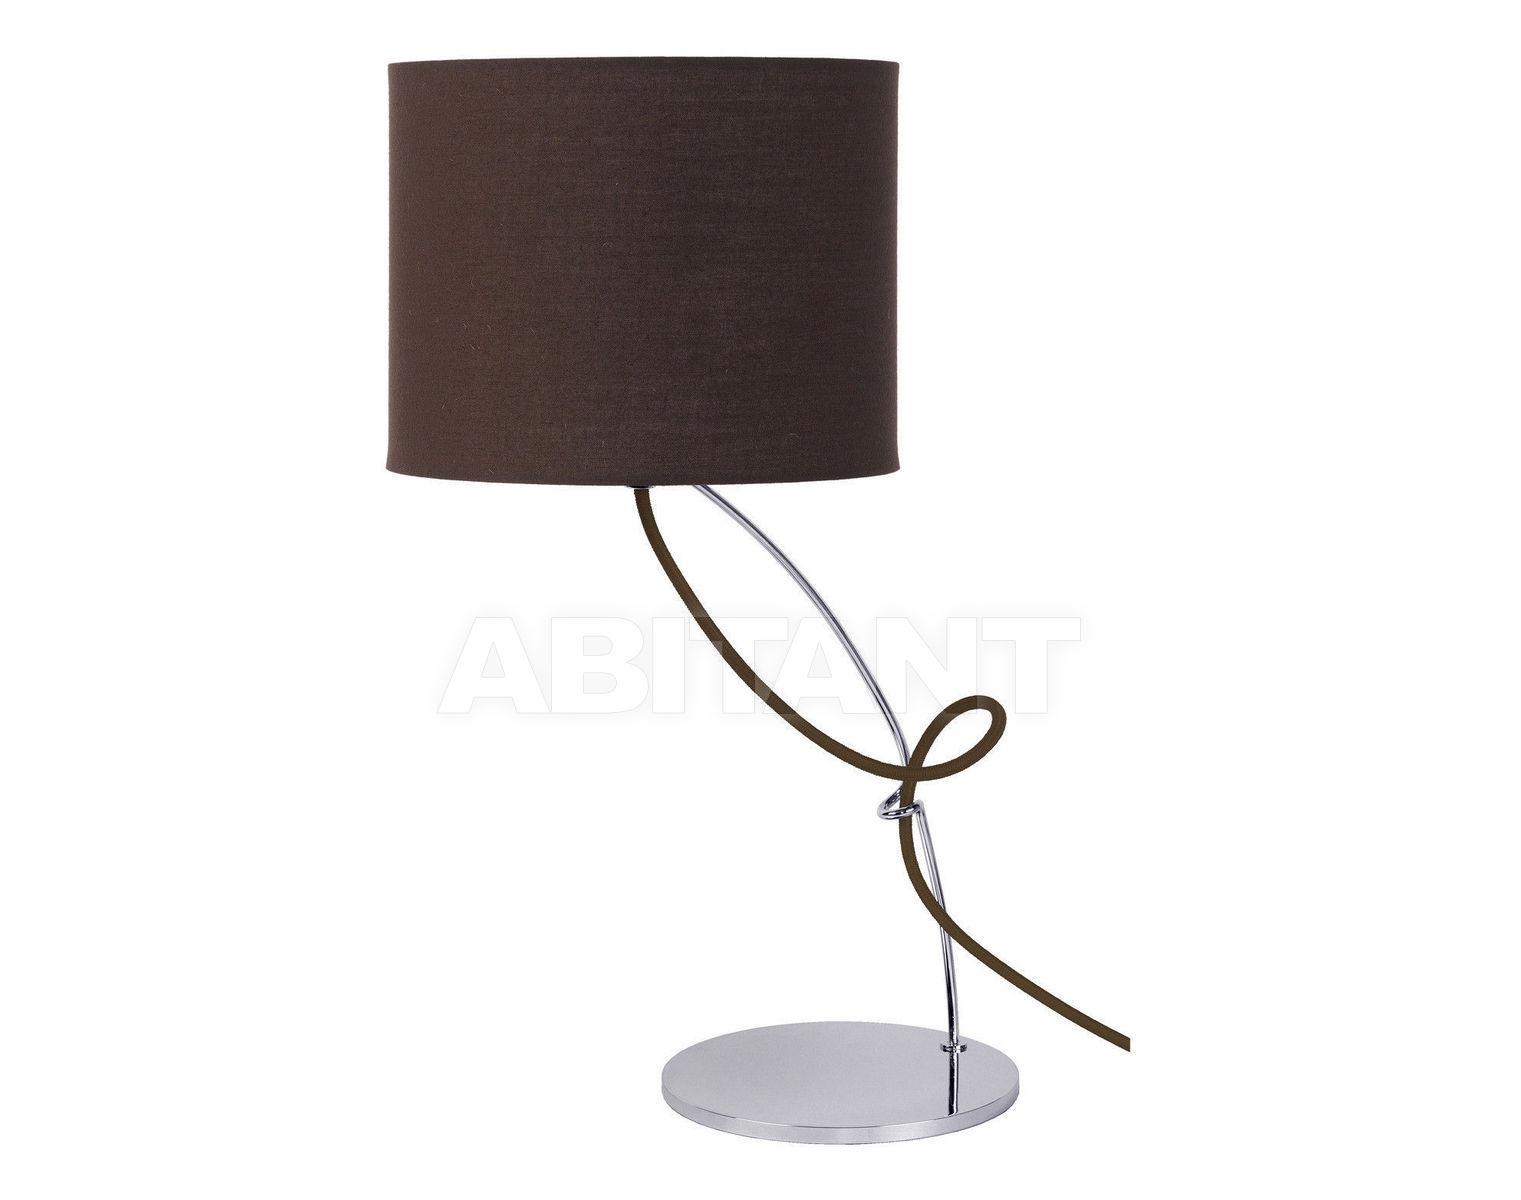 Купить Лампа настольная SWING Lucide  Floor & Table Lamps 17558/81/43